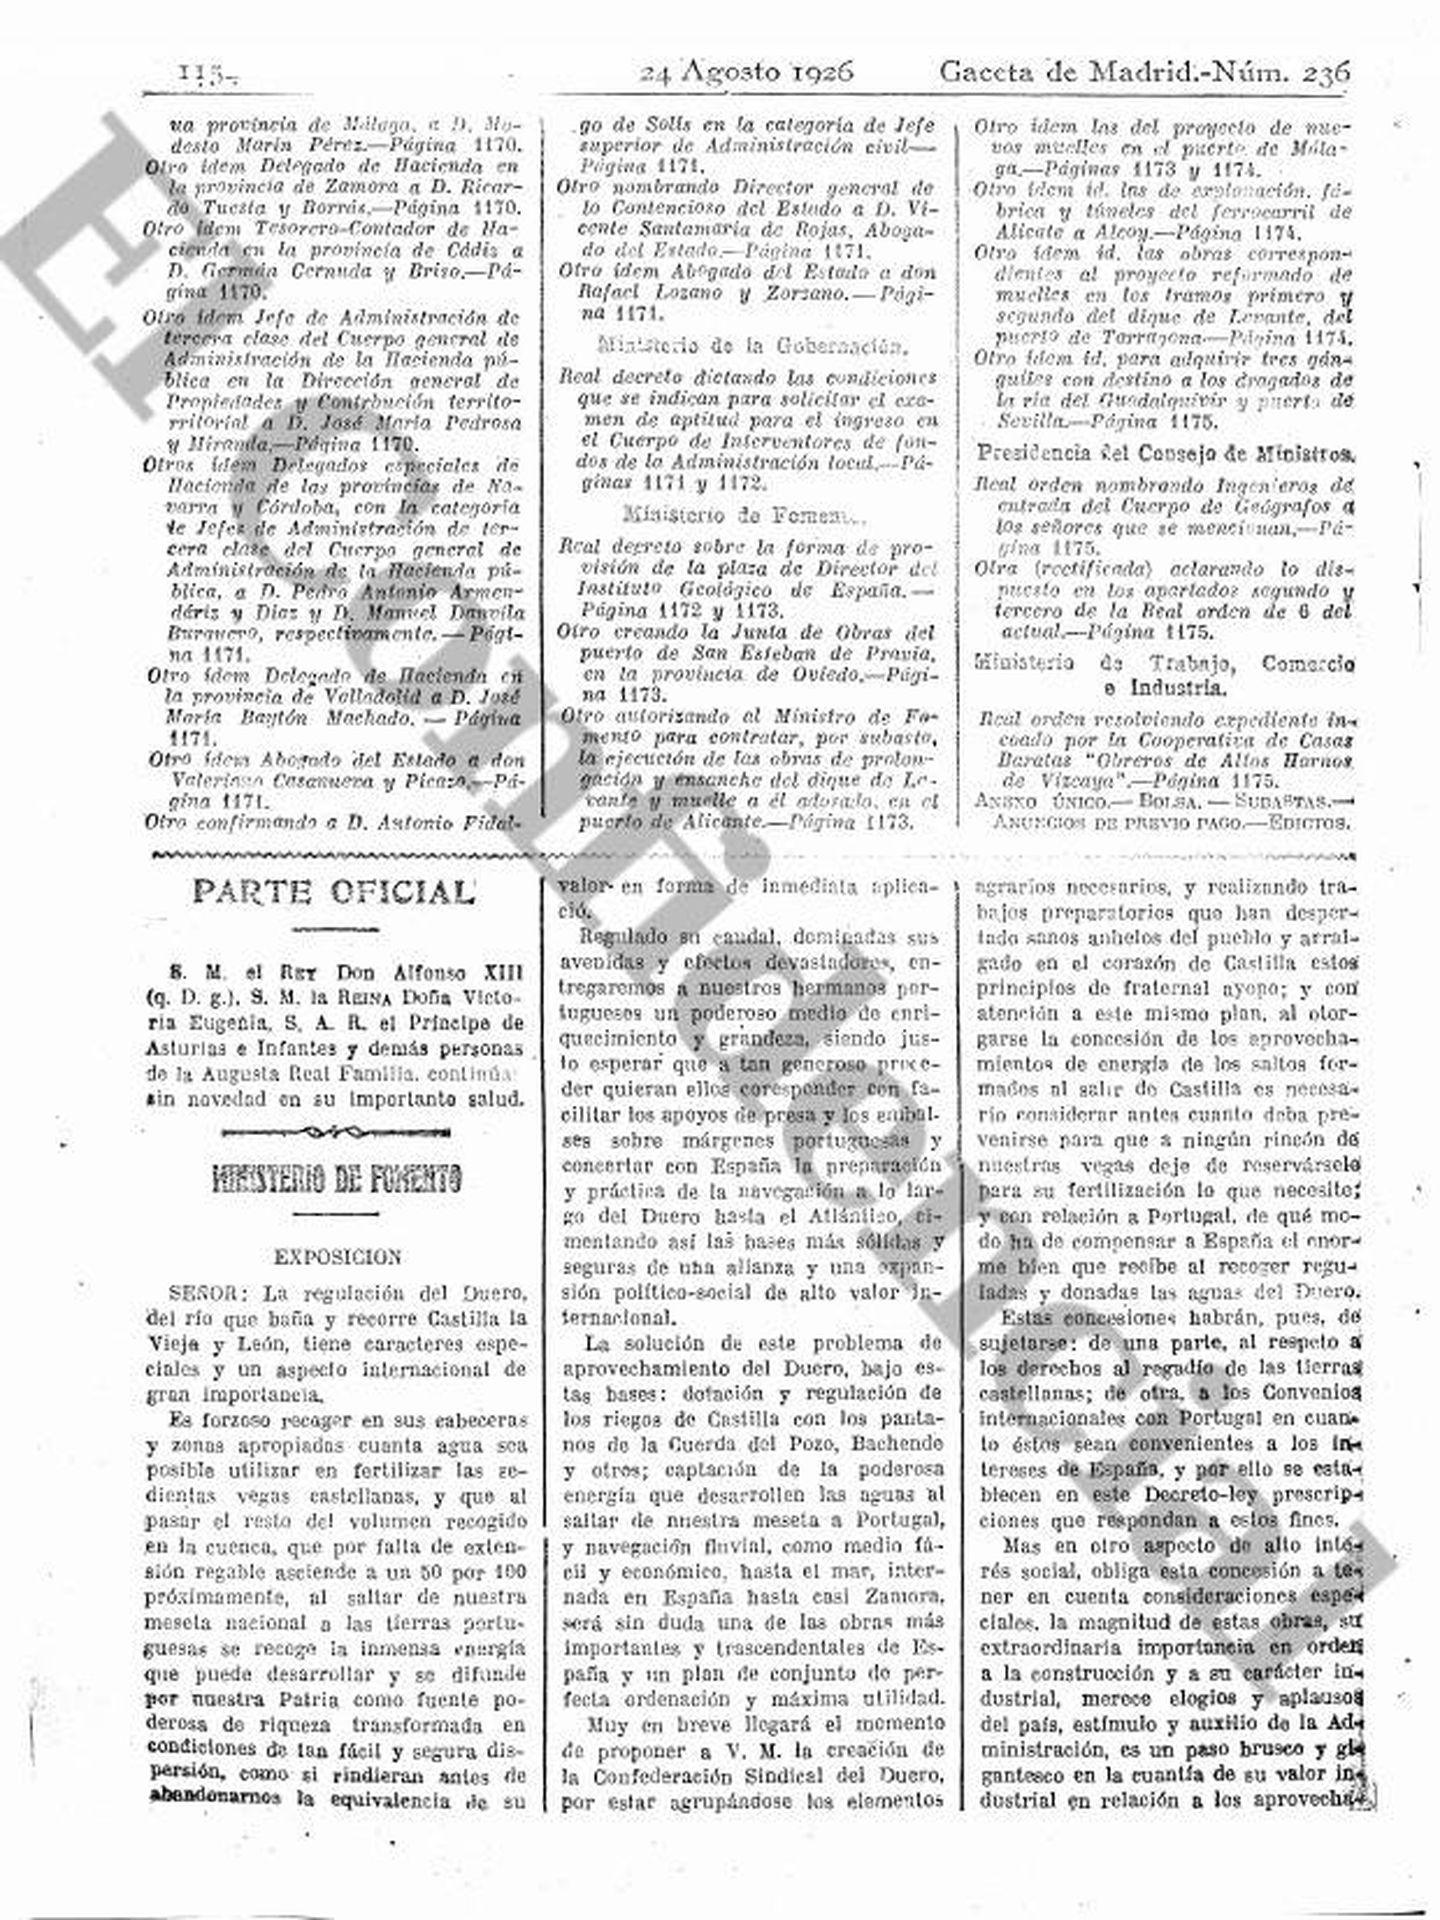 Pinche para ver la publicación de 1926